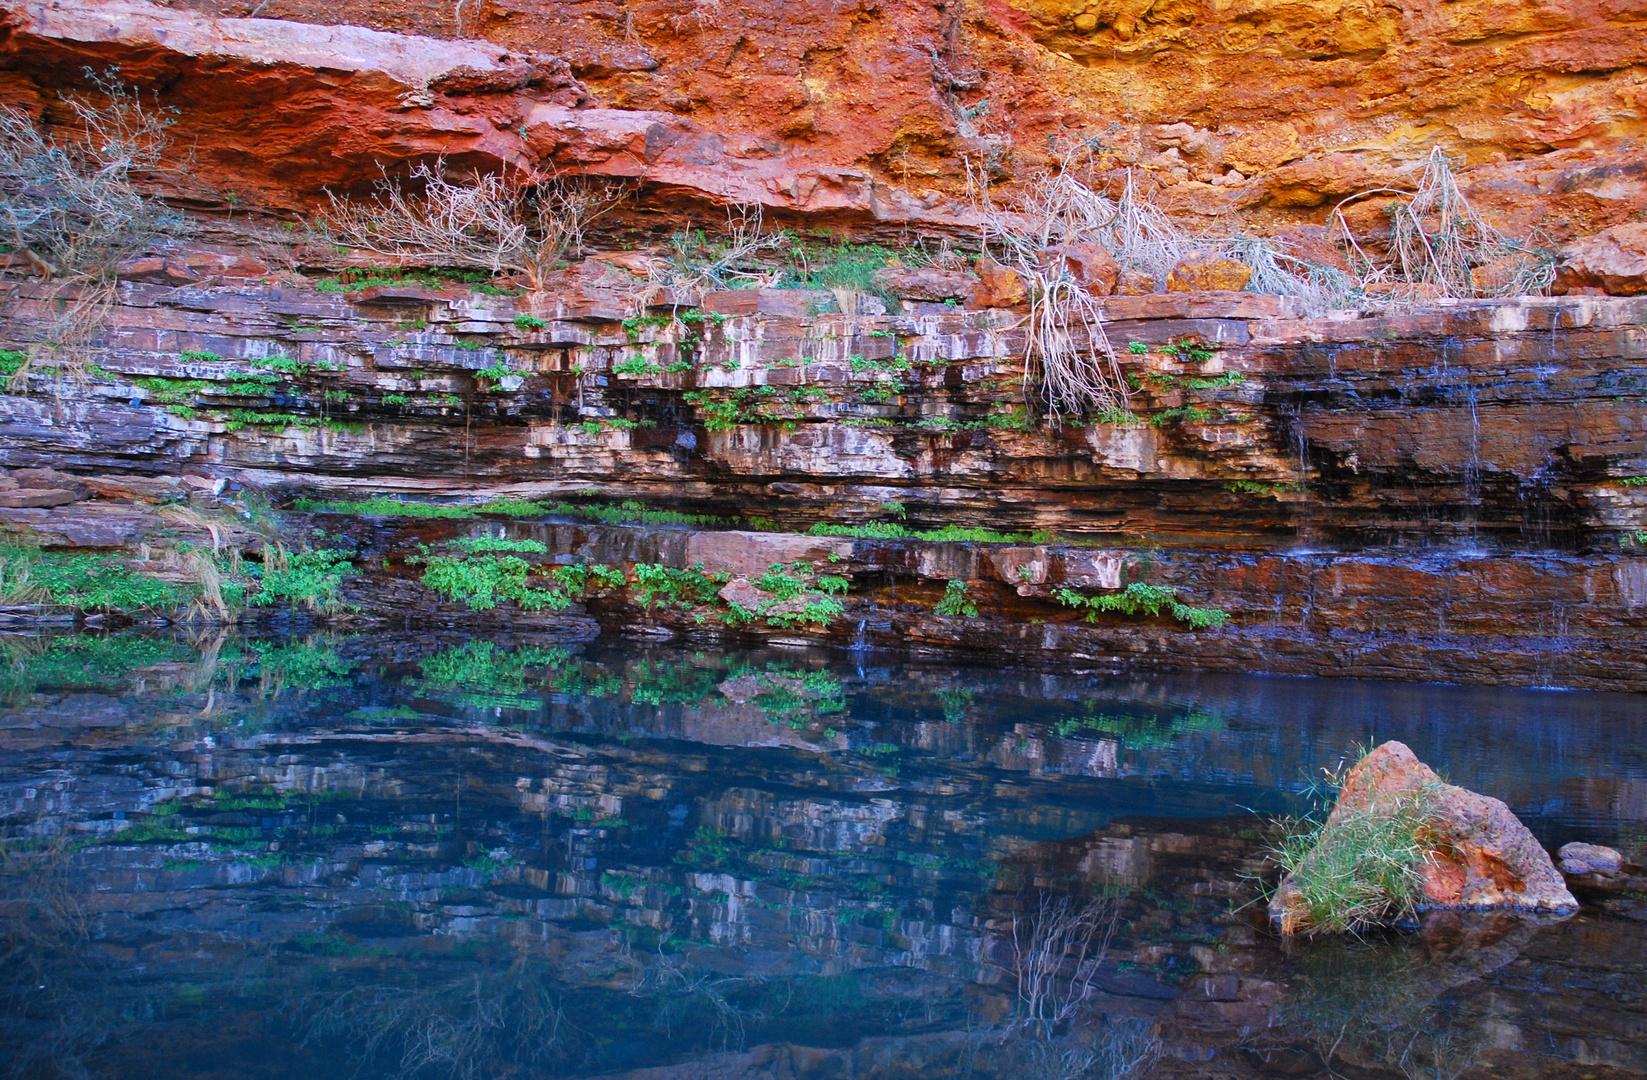 El Questro Gorge Pool